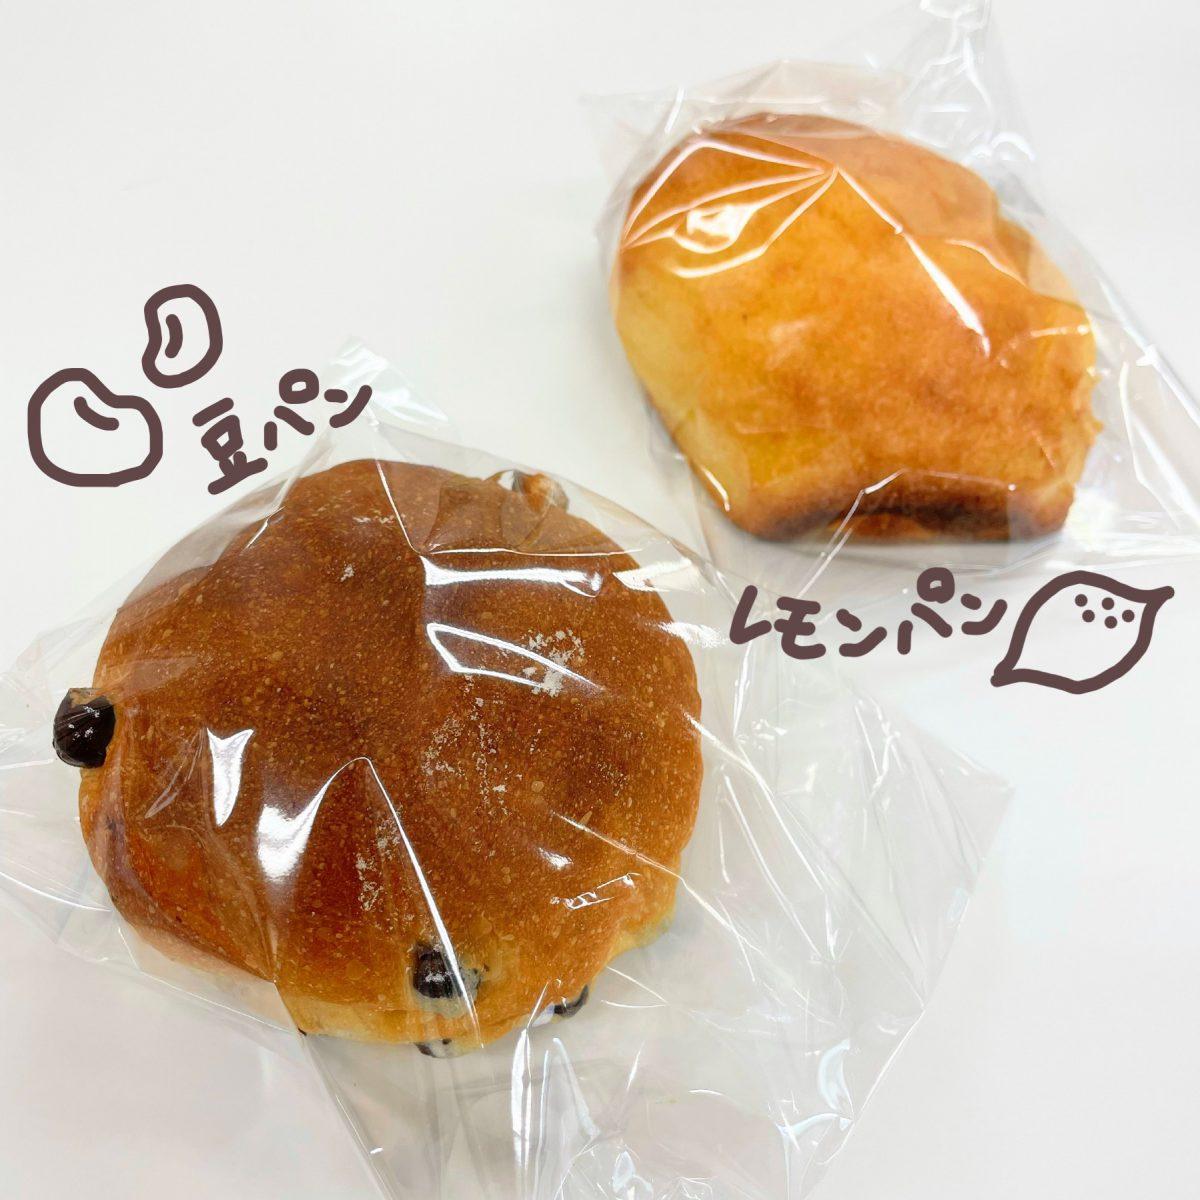 大学が再開したので学校周辺のパン屋さん巡りしてきました。美味!